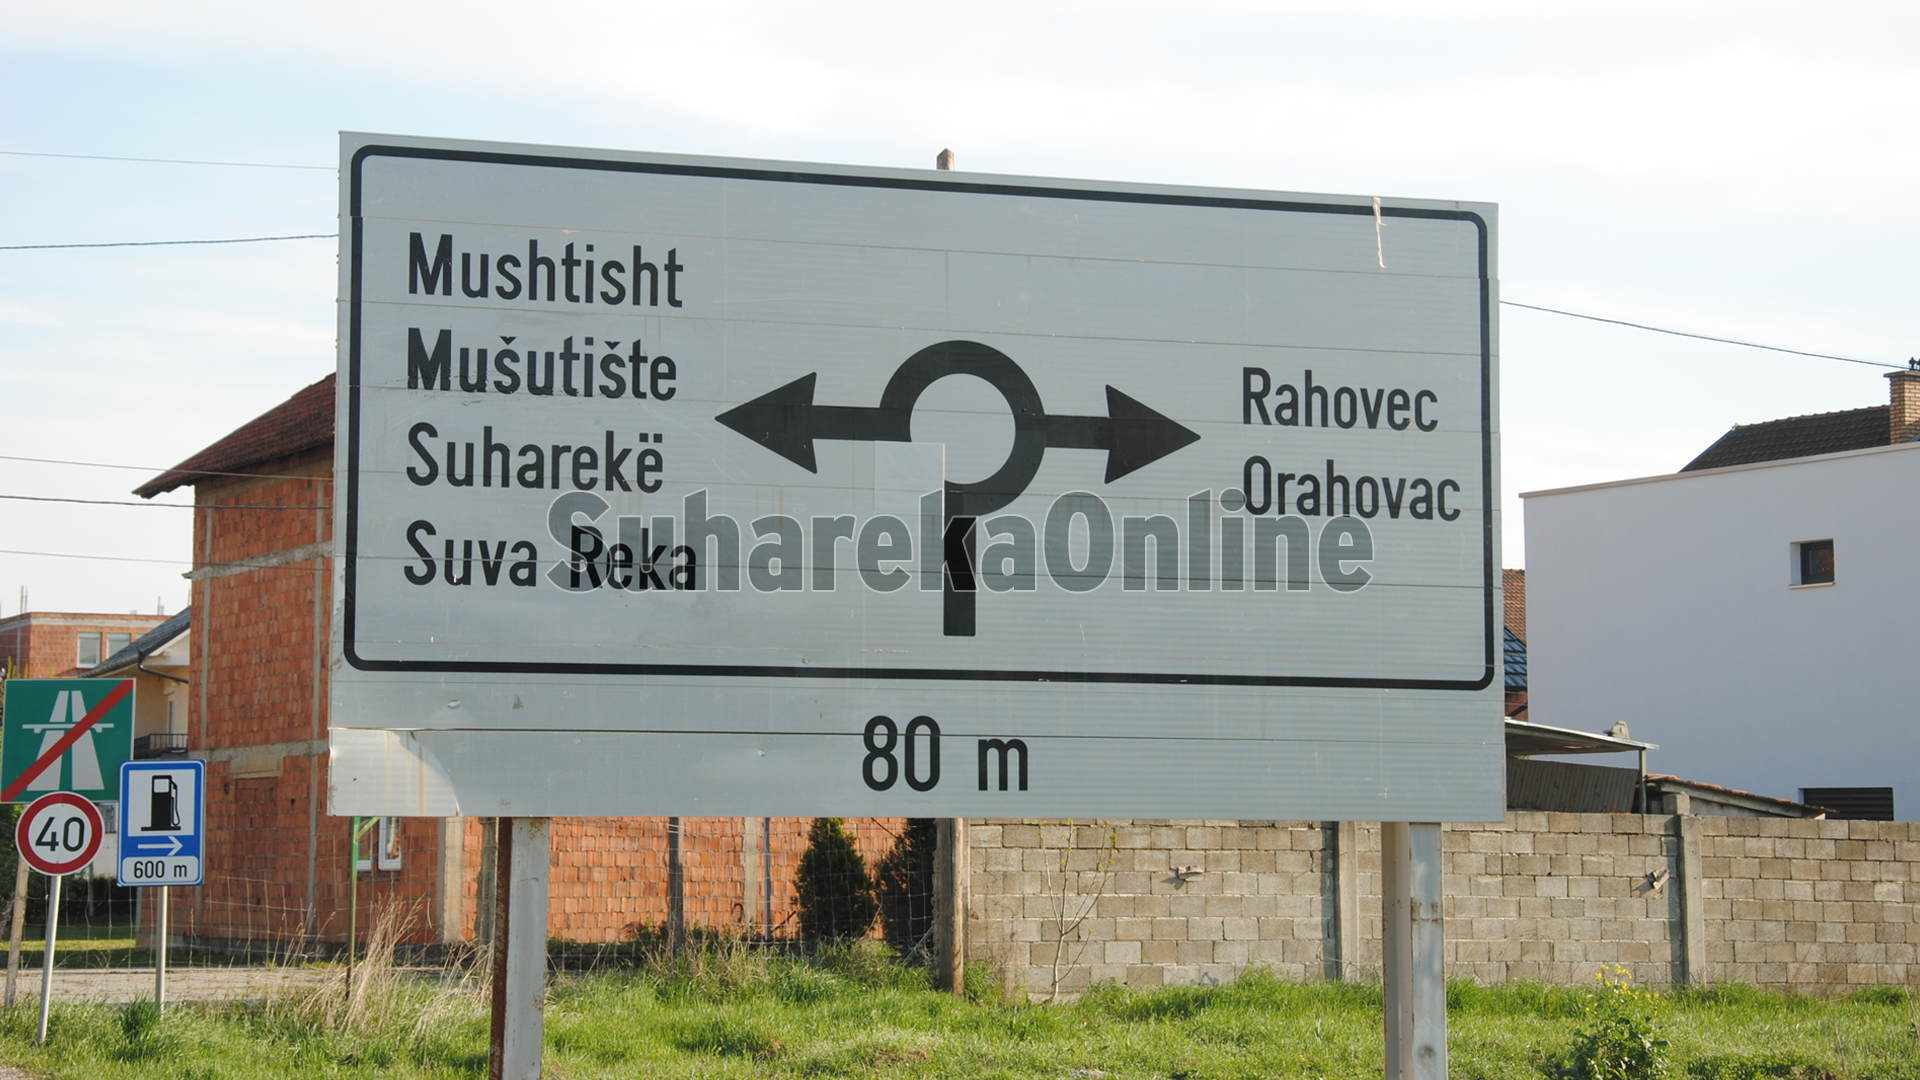 4 rastet pozitive me COVID-19 në Komunën e Suharekës janë nga këto fshatra